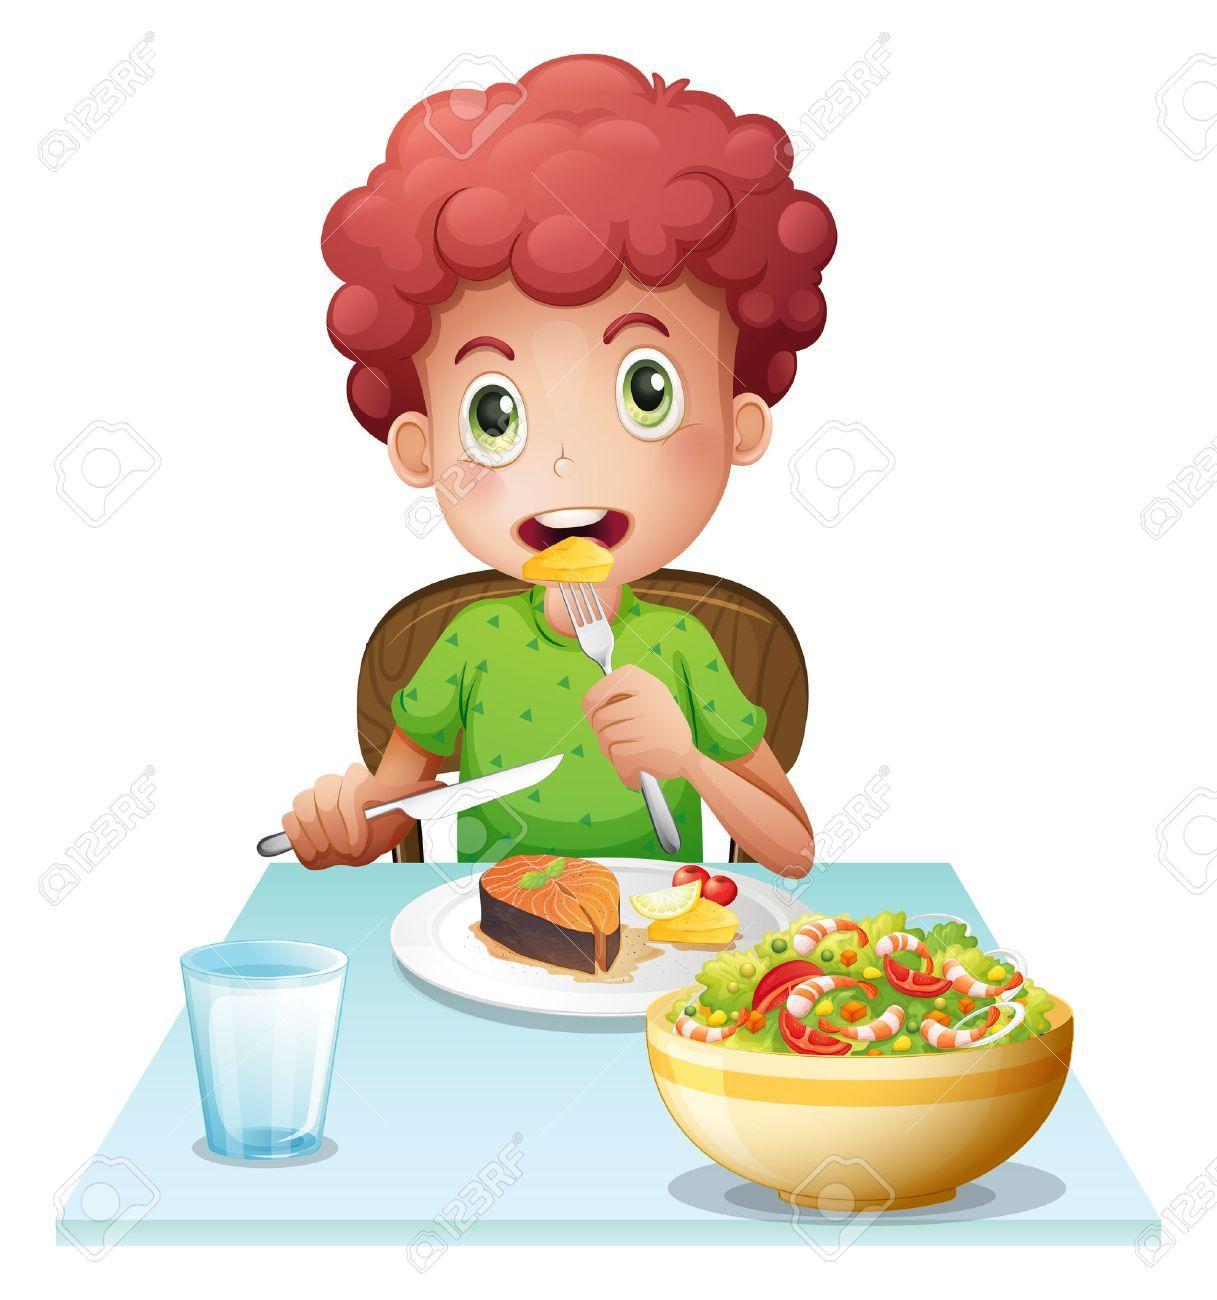 Ninas Animadas Comiendo Vegetales Y Frutas Buscar Con Google Rutina Diaria De Ninos Ninos Letras Abecedario Para Imprimir